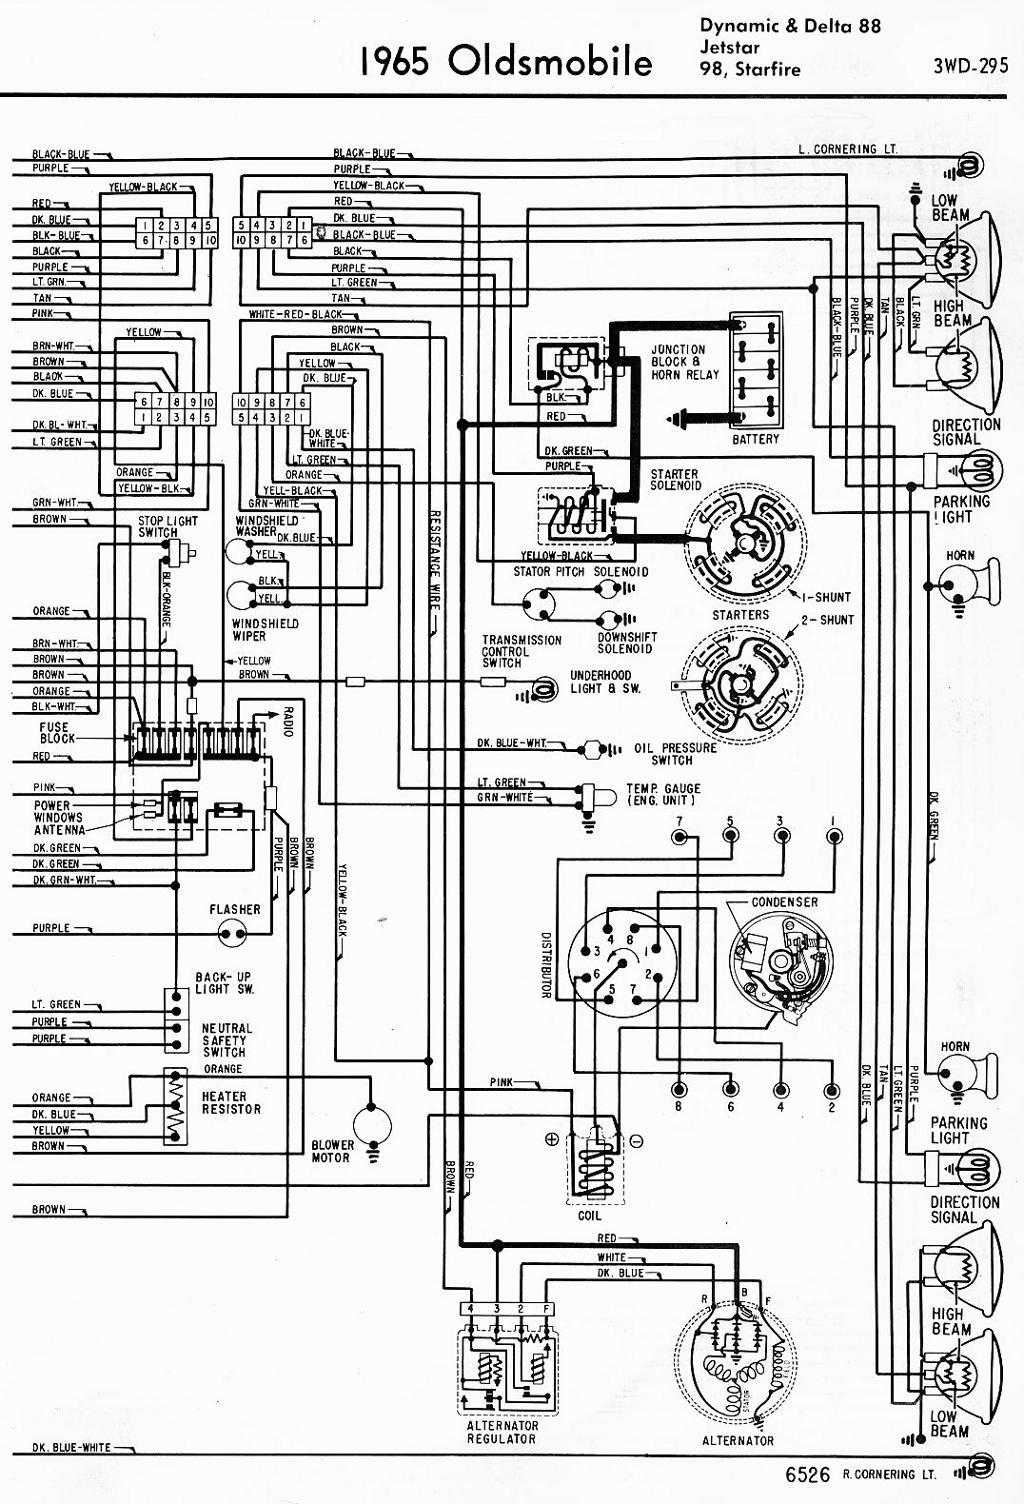 medium resolution of 2004 oldsmobile alero wiring diagram wiring library rh 50 skriptoase de 2004 alero fuel pump wiring diagram 2004 alero radio wiring diagram